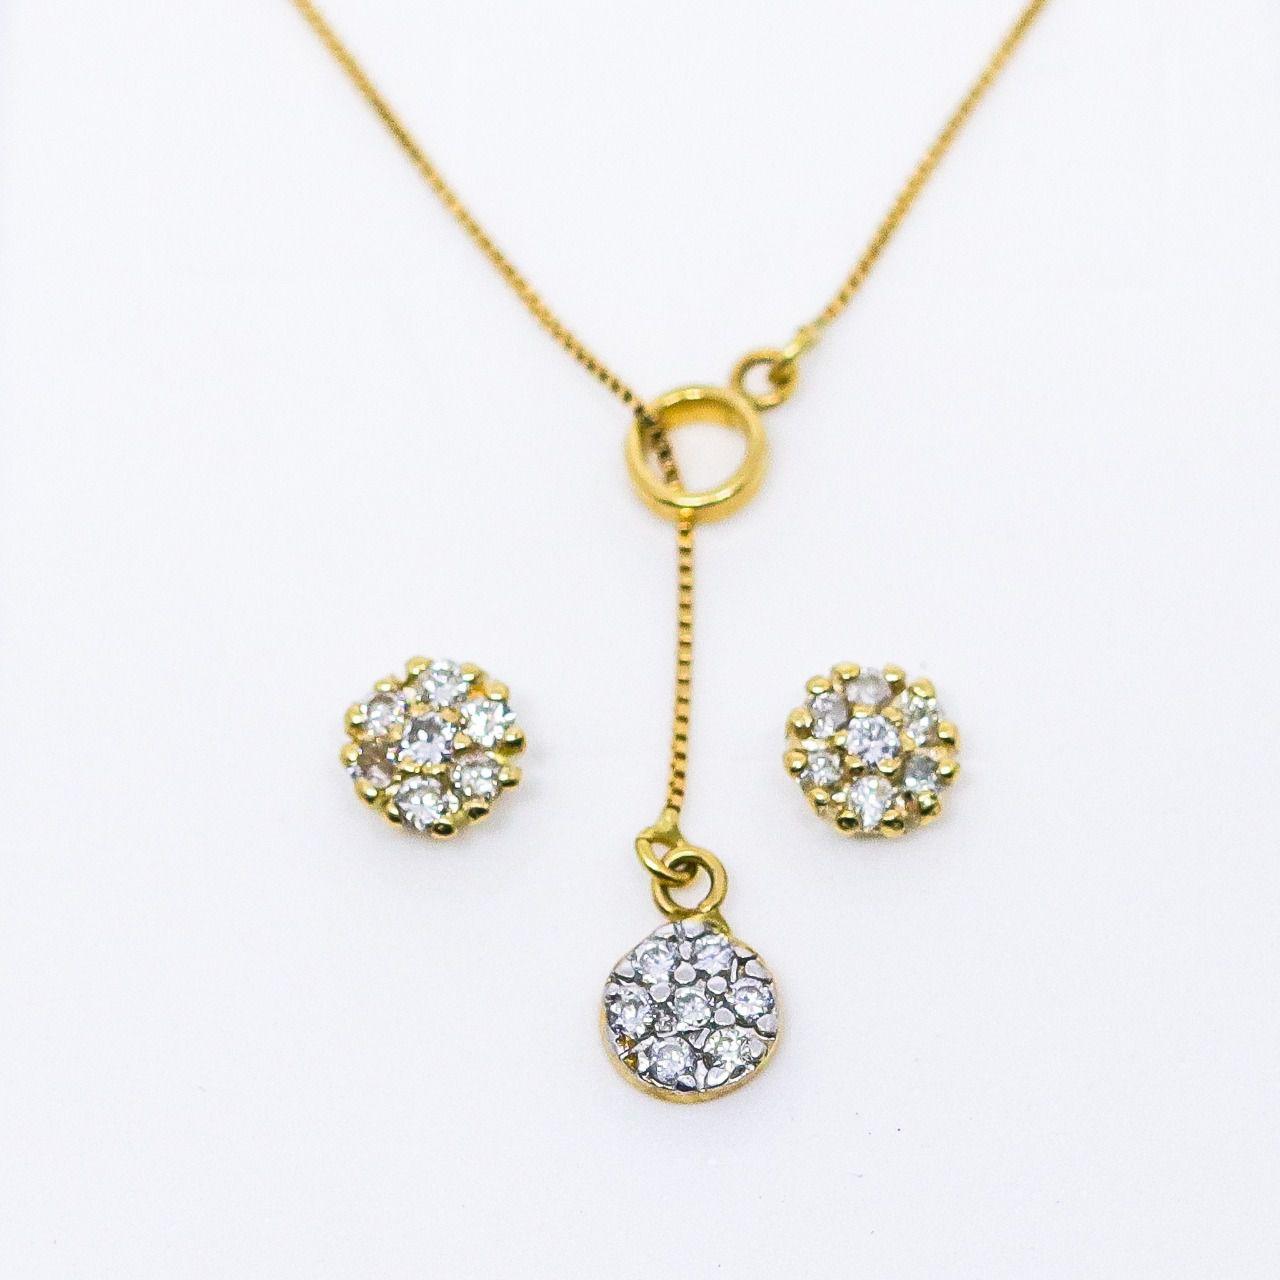 Brinco ouro 18k chuveiro com 14 diamantes 1,5pts